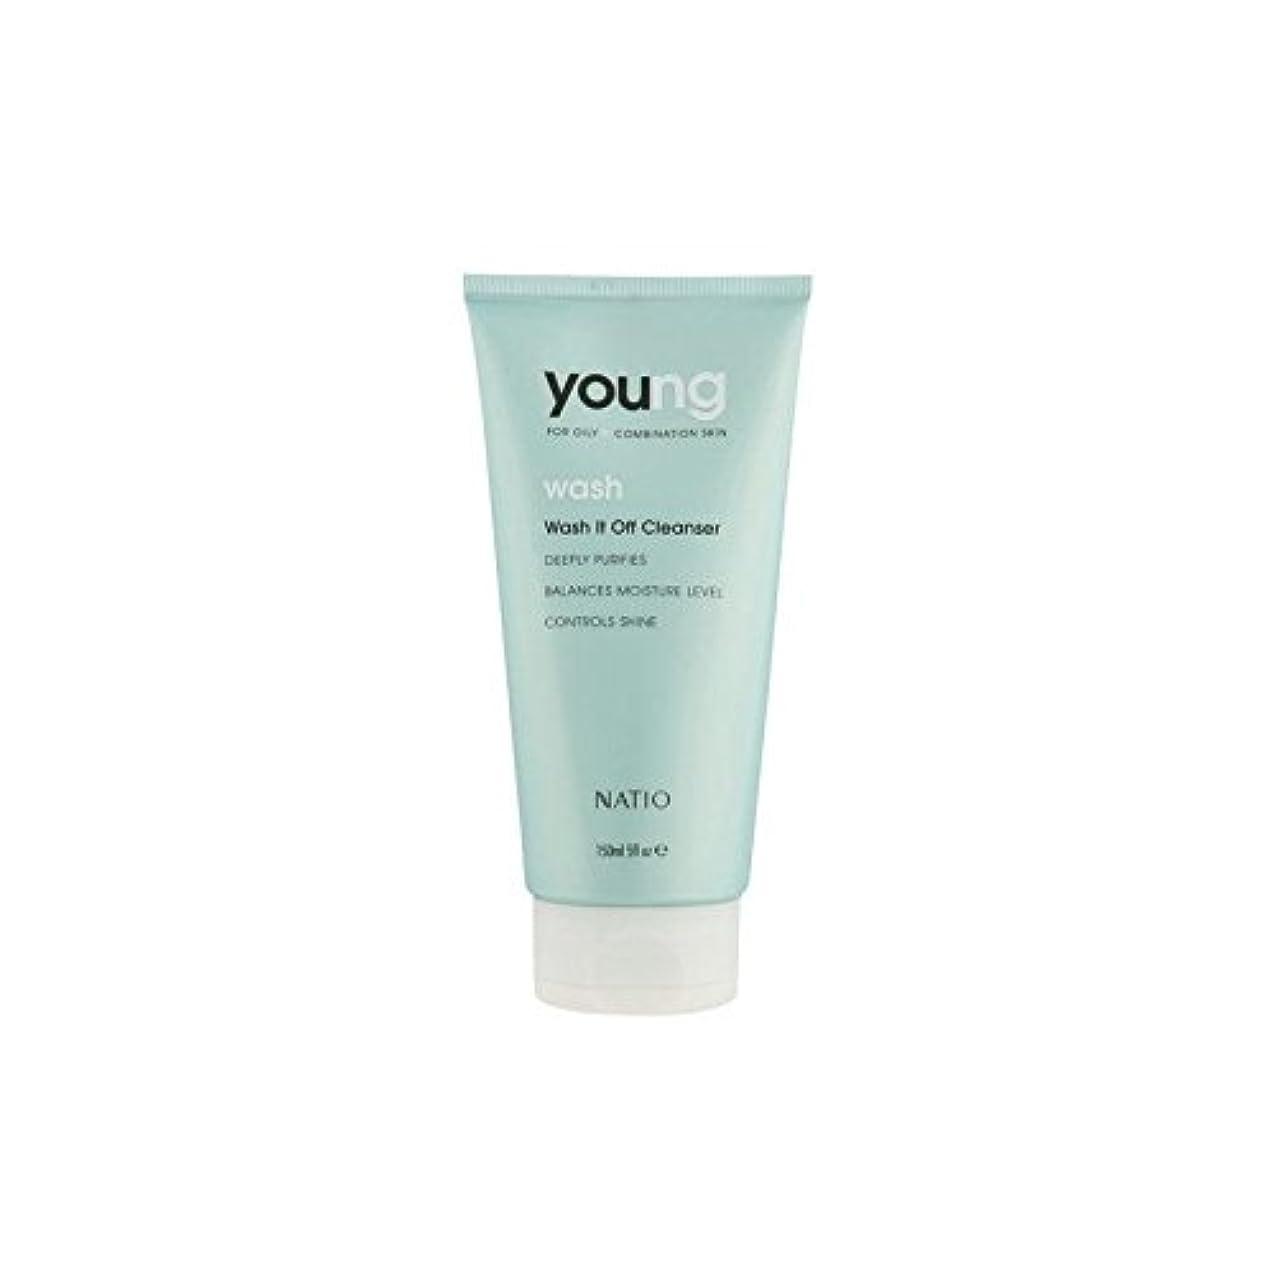 神外向きアスレチック若いウォッシュそれオフクレンザー(150ミリリットル) x4 - Natio Young Wash It Off Cleanser (150ml) (Pack of 4) [並行輸入品]